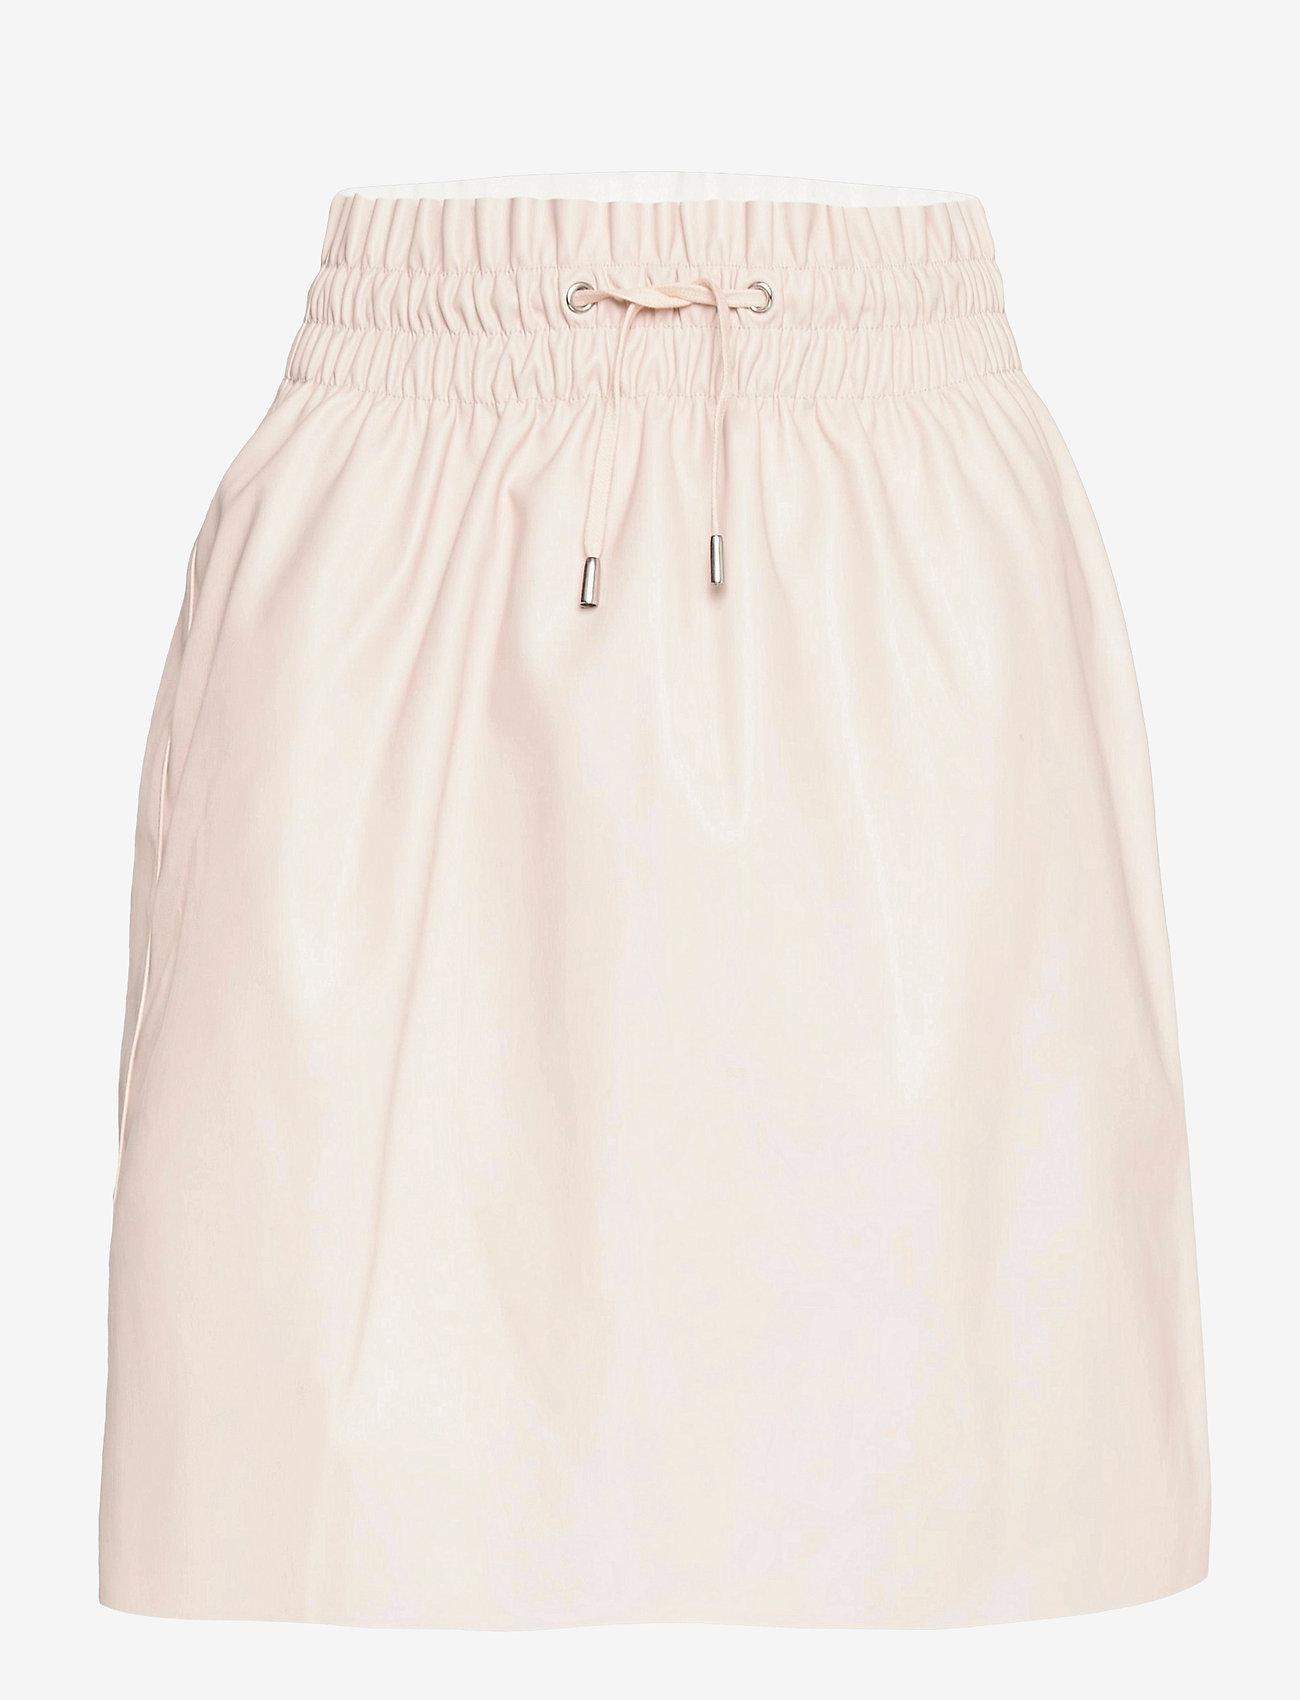 Vero Moda - VMAVA HW SHORT COATED SKIRT - korta kjolar - oatmeal - 0